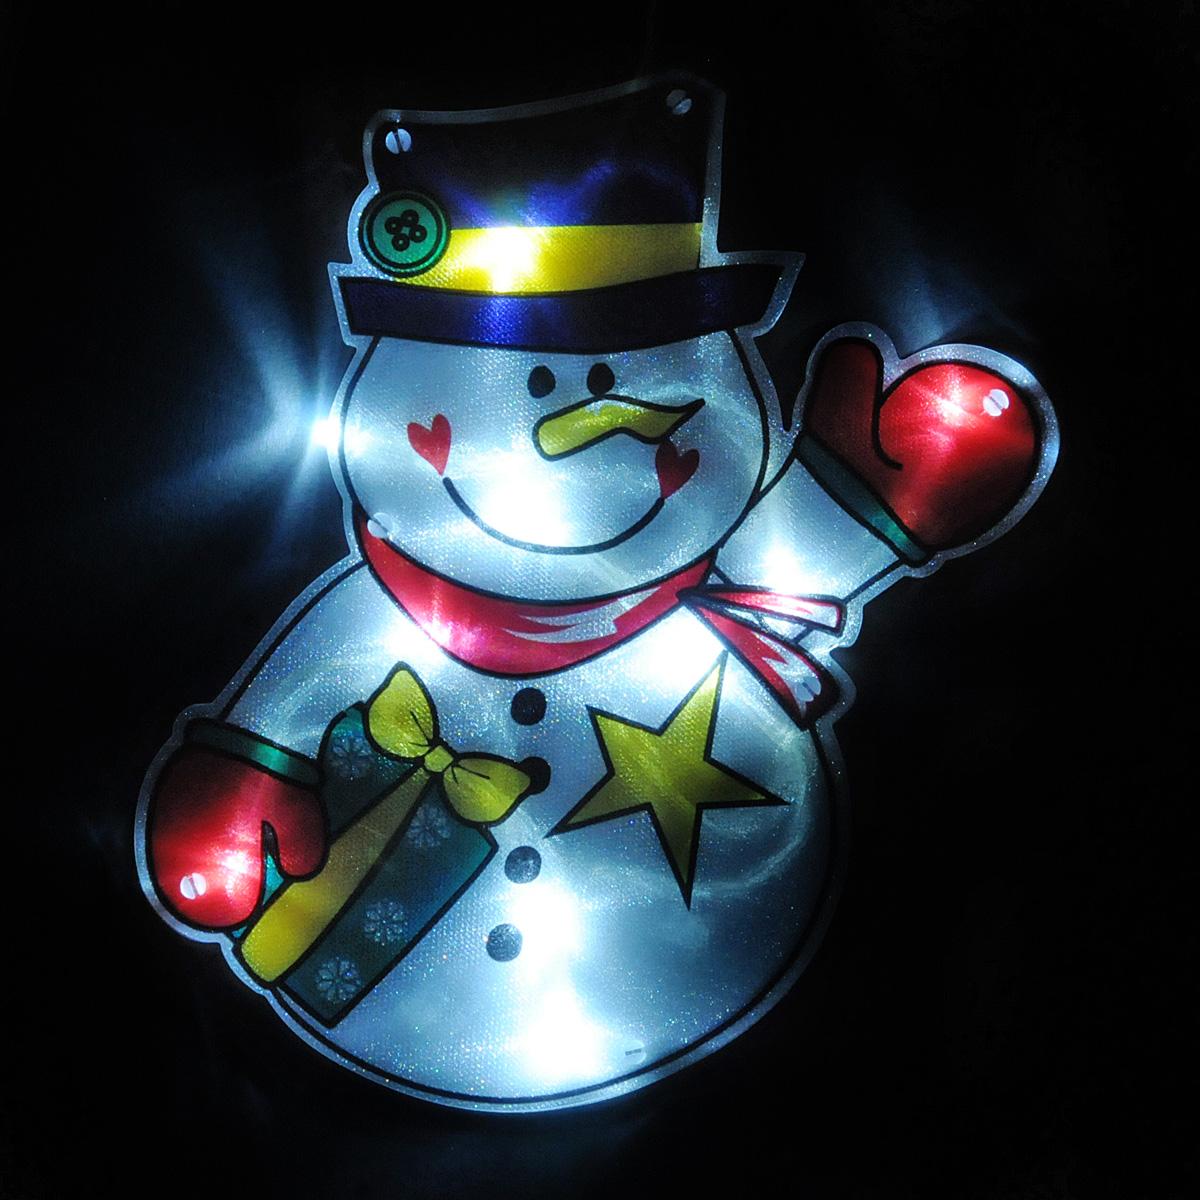 Светильник Lunten Ranta Снеговик, 17 см х 21 см66423Светильник Lunten Ranta Снеговик выполнен из высококачественного пластика. Особенностью данной фигурки является наличие светодиодного устройства, благодаря которому украшение светится. Светильник оснащен силиконовой присоской для крепления к стеклу. Такой оригинальный светильник оформит интерьер вашего дома или офиса в преддверии Нового года. Оригинальный дизайн и красочное исполнение создадут праздничное настроение. Кроме того, это отличный вариант подарка для ваших близких и друзей. УВАЖАЕМЫЕ КЛИЕНТЫ! Светильник работает от 3-х батареек типа ААА. Батарейки не входят в комплект.